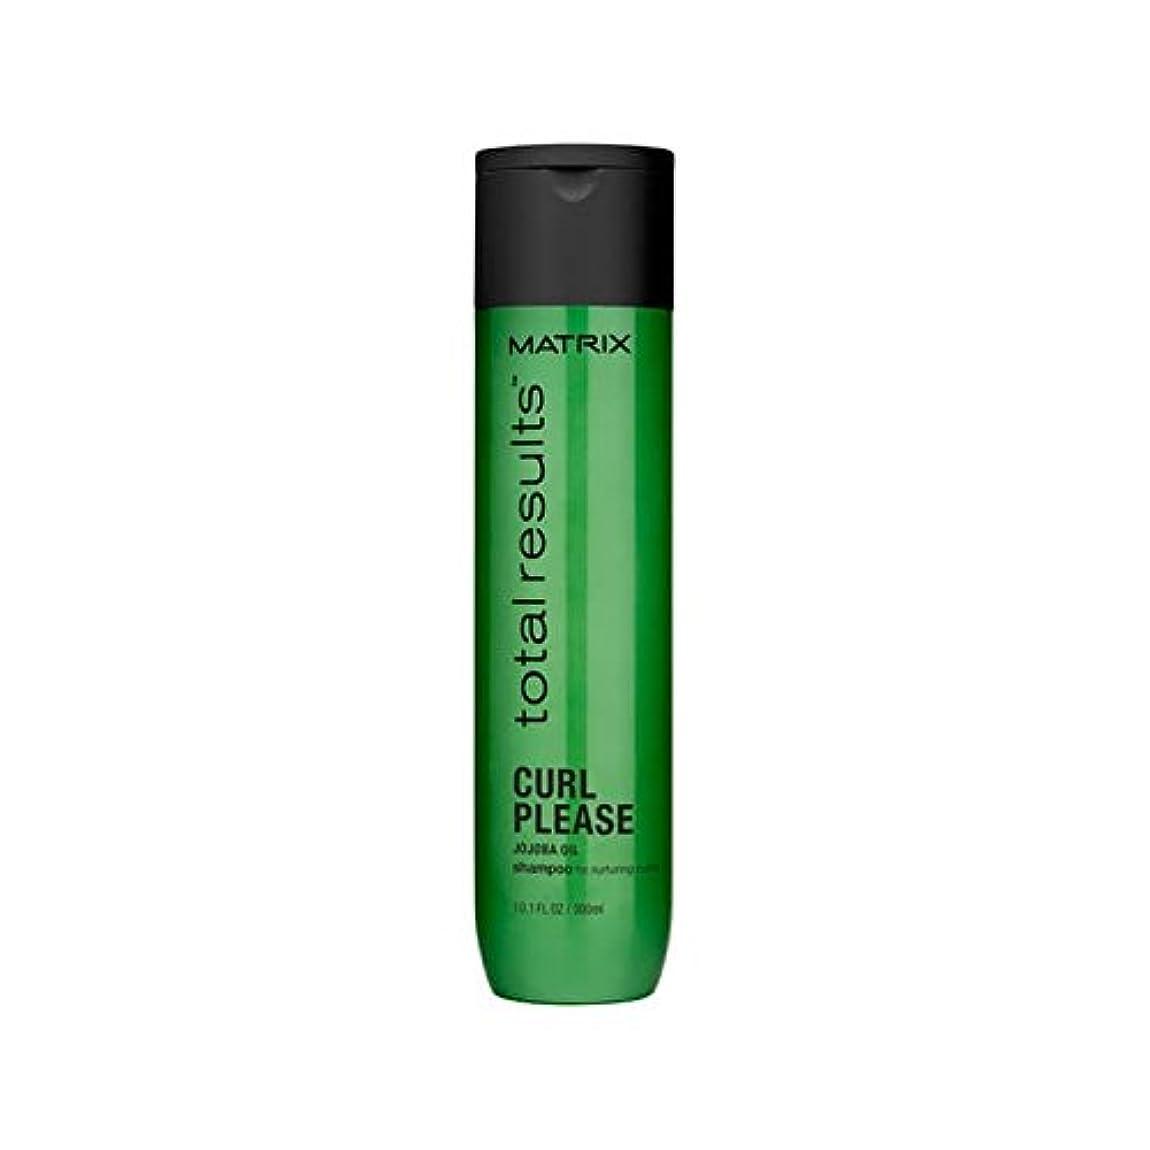 スコア株式会社局Matrix Total Results Curl Please Shampoo (300ml) - 行列の合計結果カールしてくださいシャンプー(300ミリリットル) [並行輸入品]